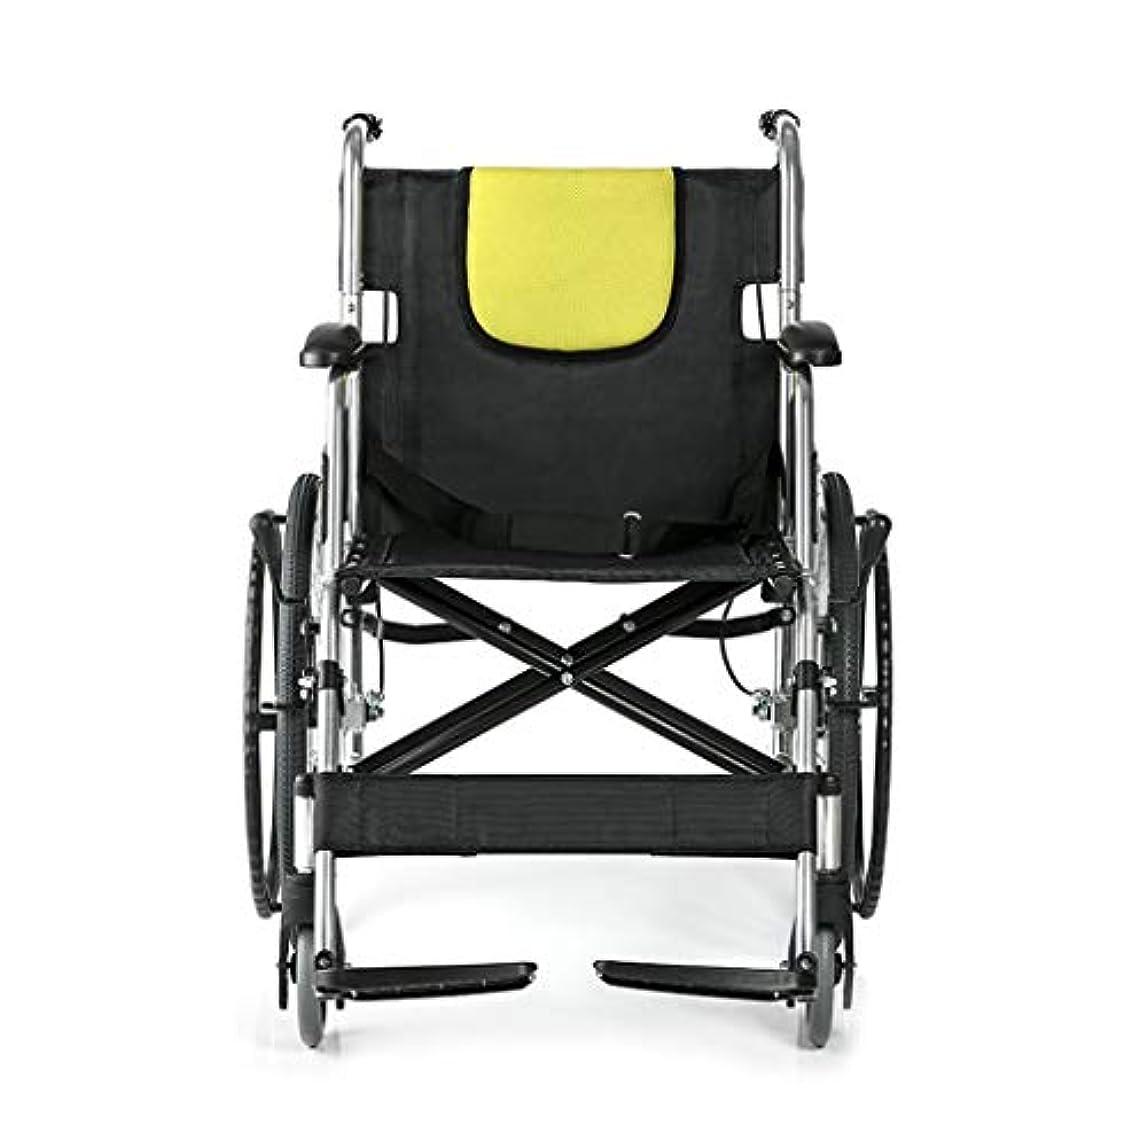 スペアアラバマ温度車椅子の老人は折り畳むことができ、障害者、高齢者、リハビリテーション患者向けの車椅子用に4つのブレーキが設計されています